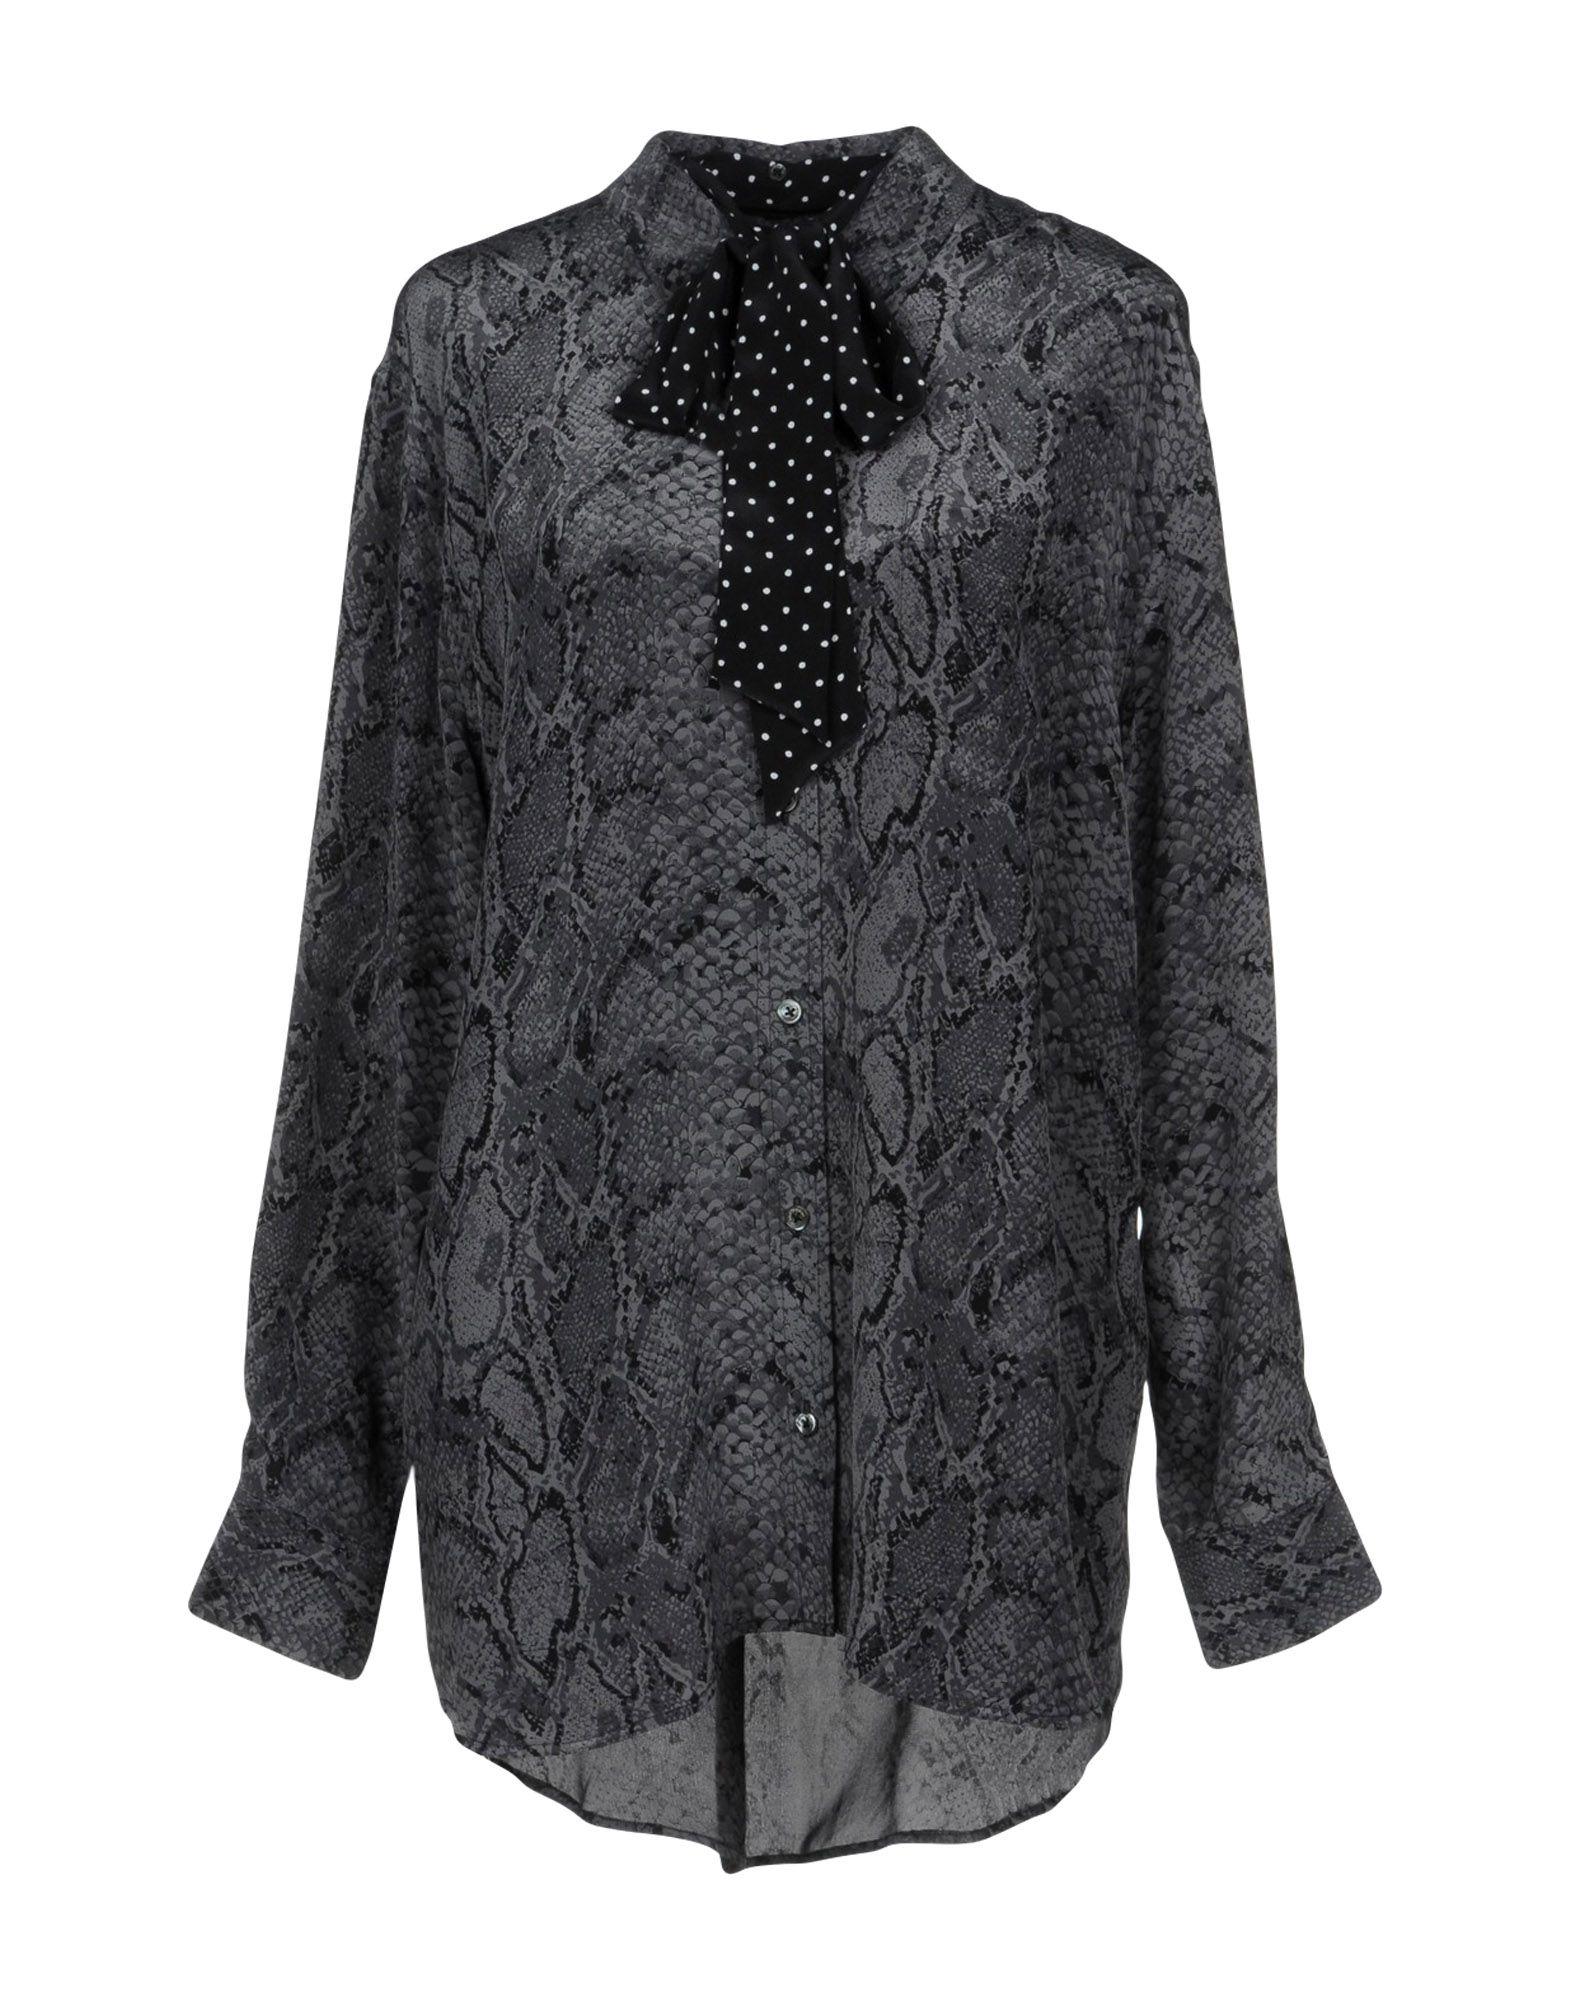 《送料無料》KATE MOSS EQUIPMENT レディース シャツ グレー XS シルク 100%